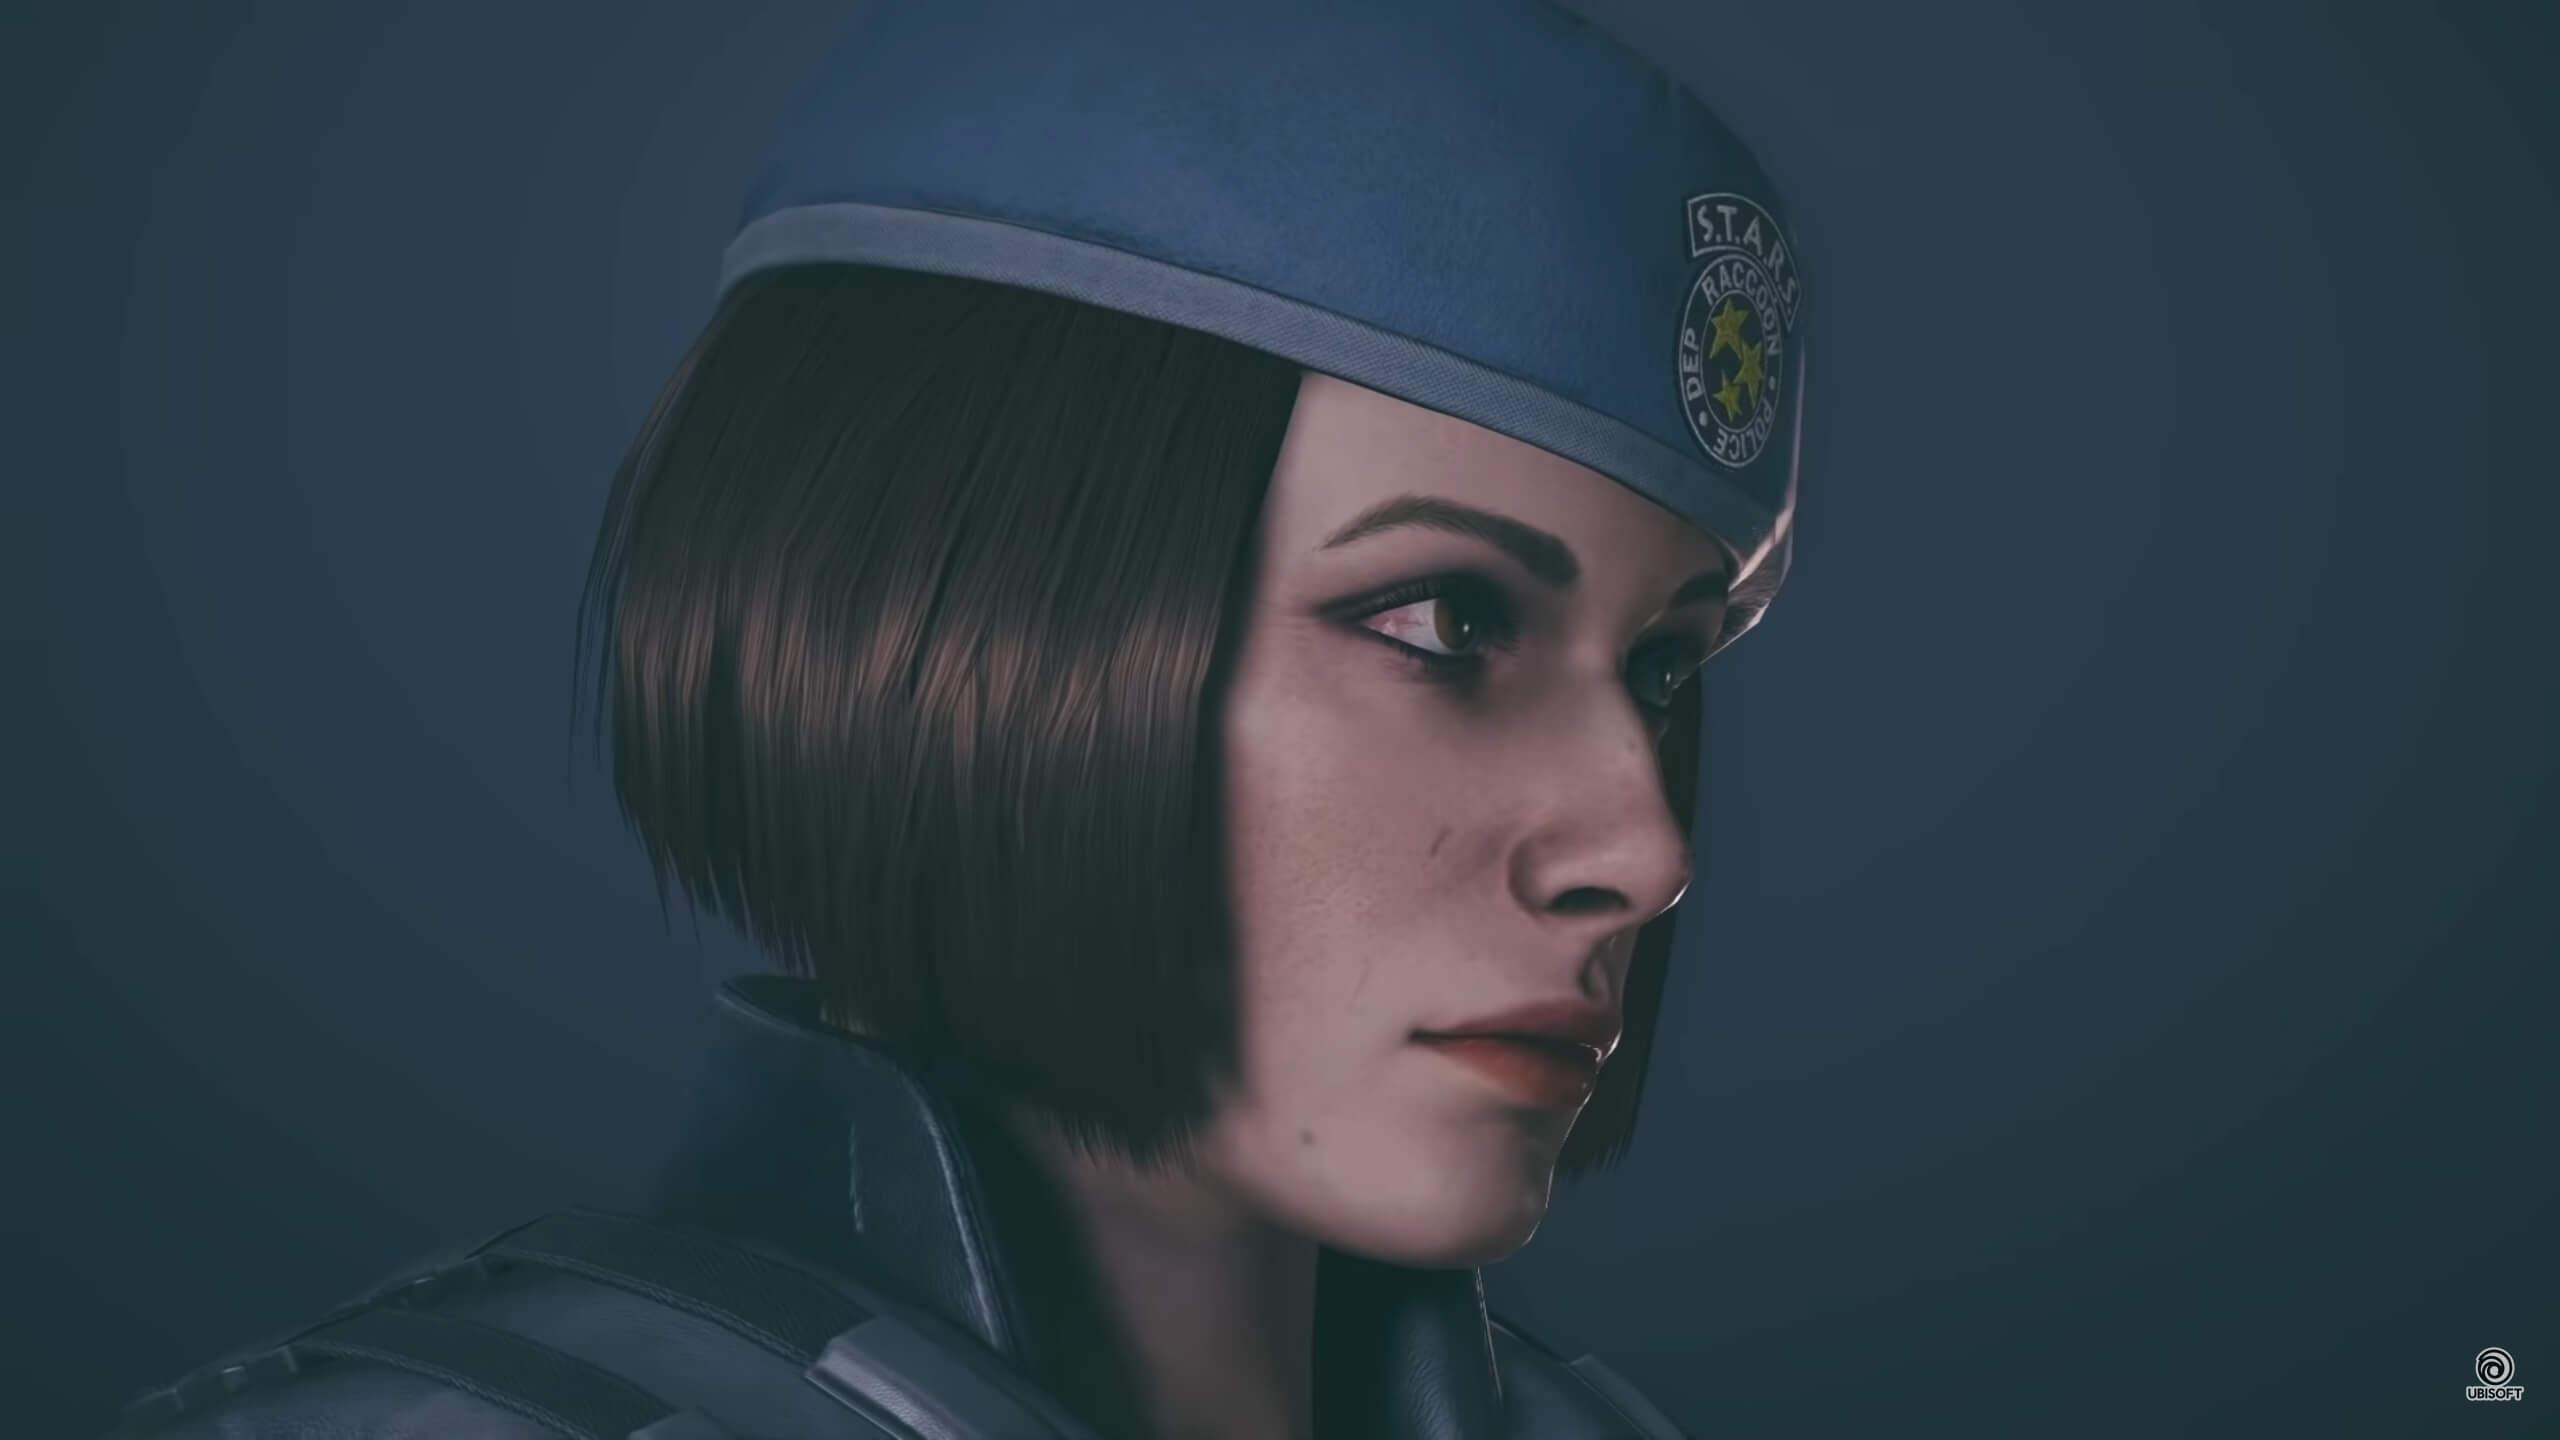 Rainbow Six Siege recibe una skin de Jill Valentine (Resident Evil) para Zofia